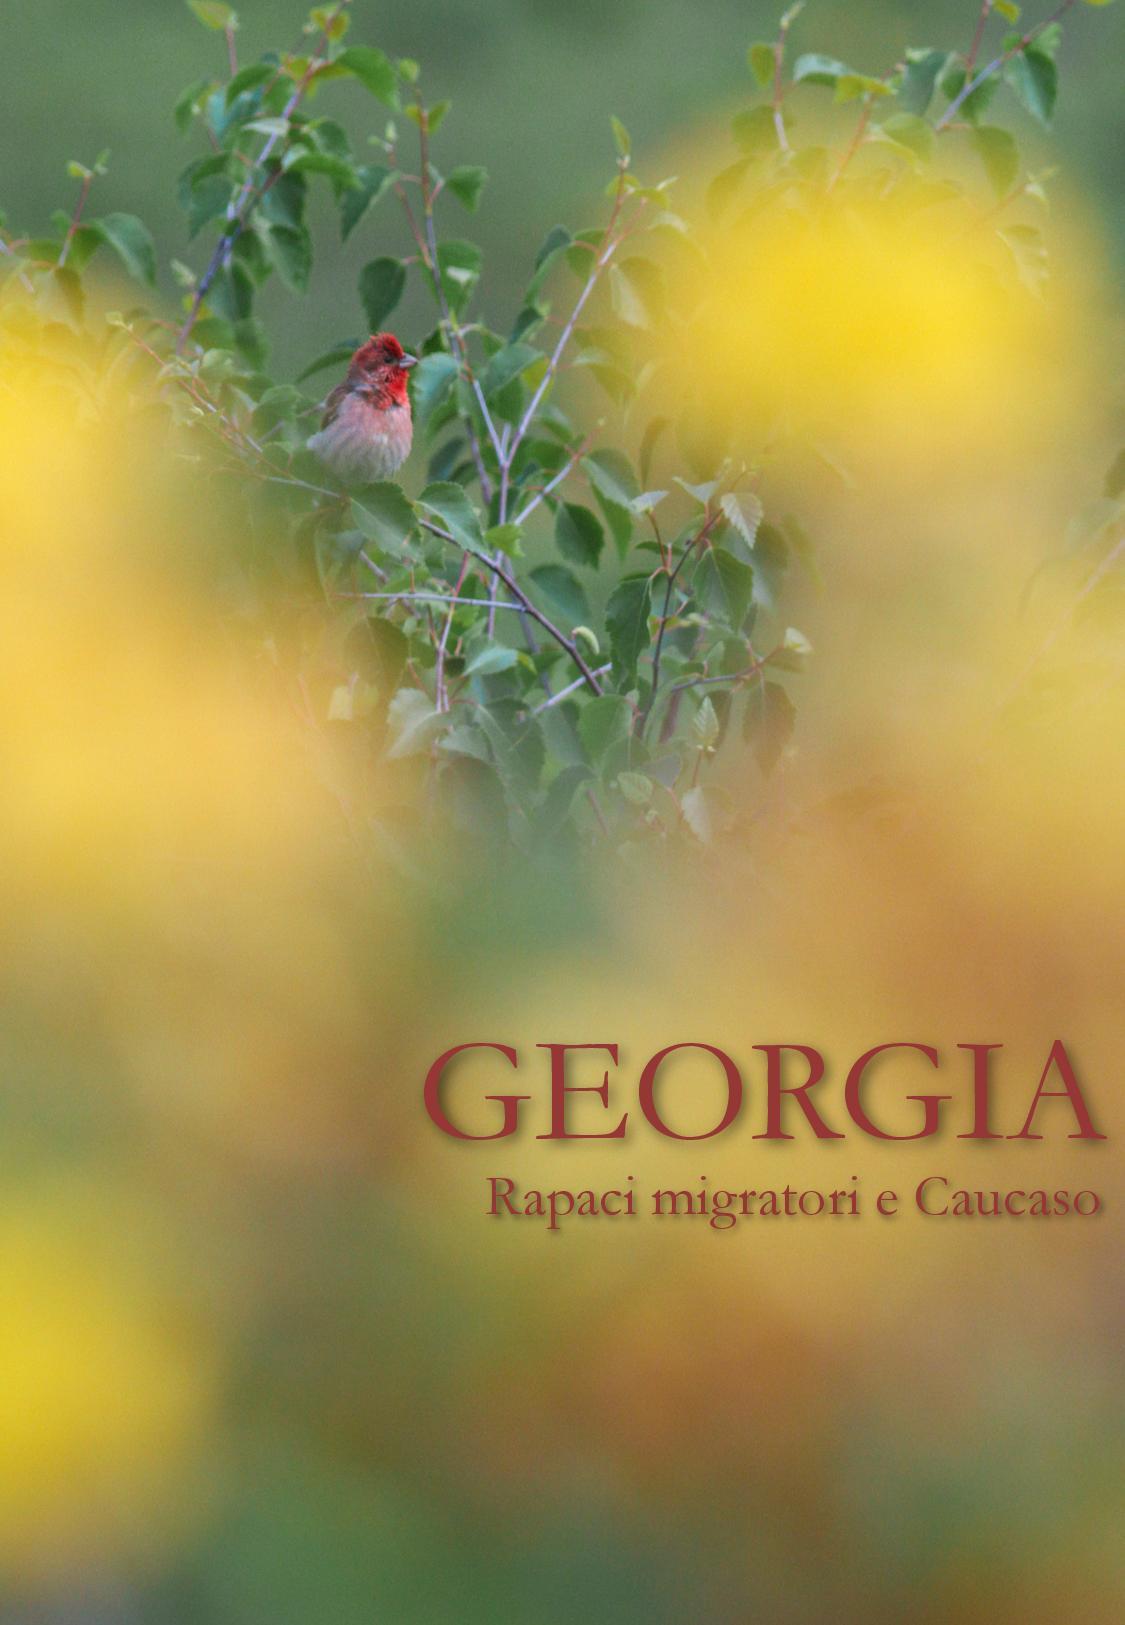 Georgia 2017-page-001